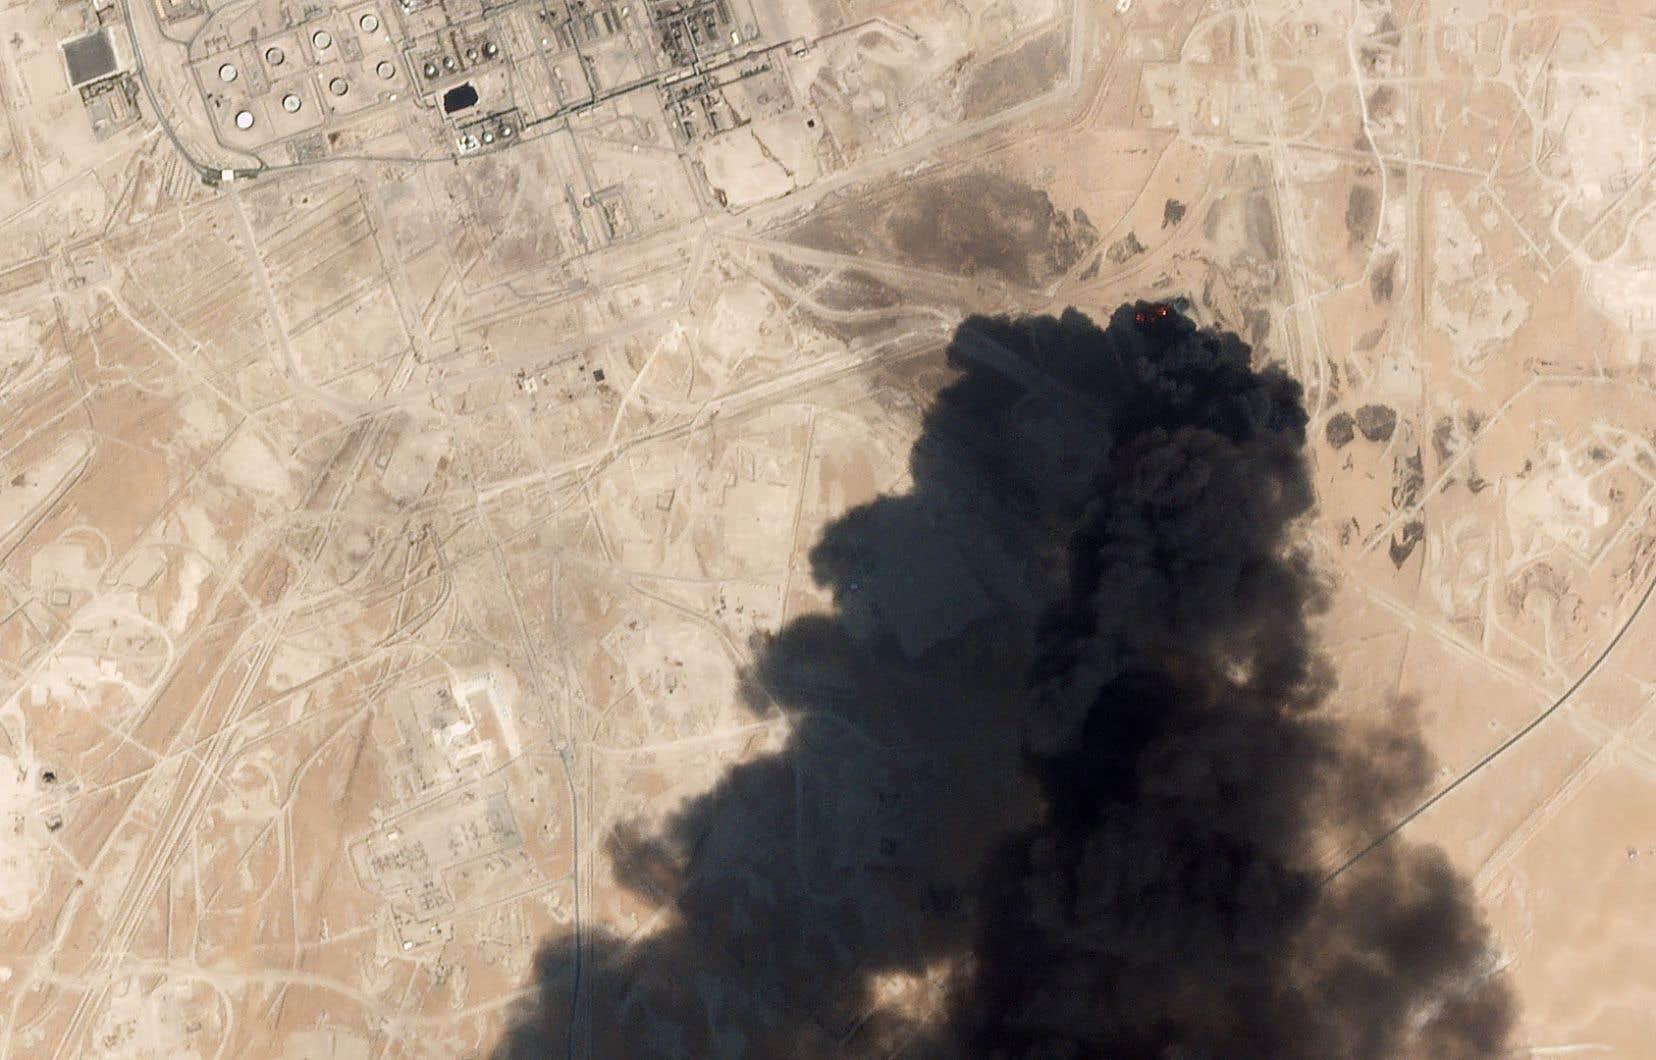 L'usine pétrolière d'Abqaiq, en Arabie saoudite, a été attaquée par des drones envoyés par des rebelles yéménites.